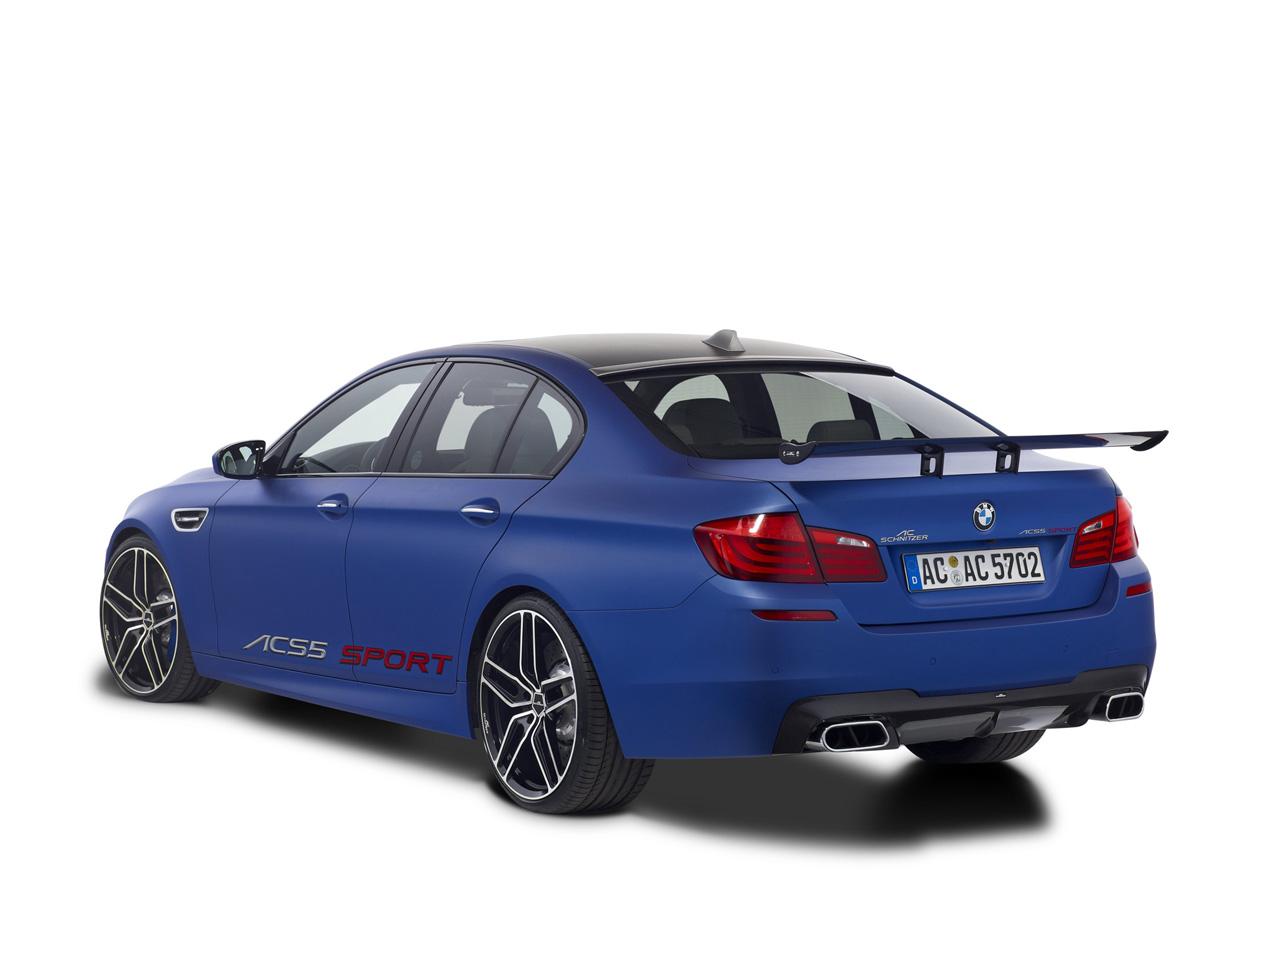 http://4.bp.blogspot.com/-yFLy1UTwfeI/UKM50gJH3fI/AAAAAAAABAs/Ad9Ul96D9h0/s1600/2012+AC+Schnitzer+BMW+M5+ACS5+7.jpg